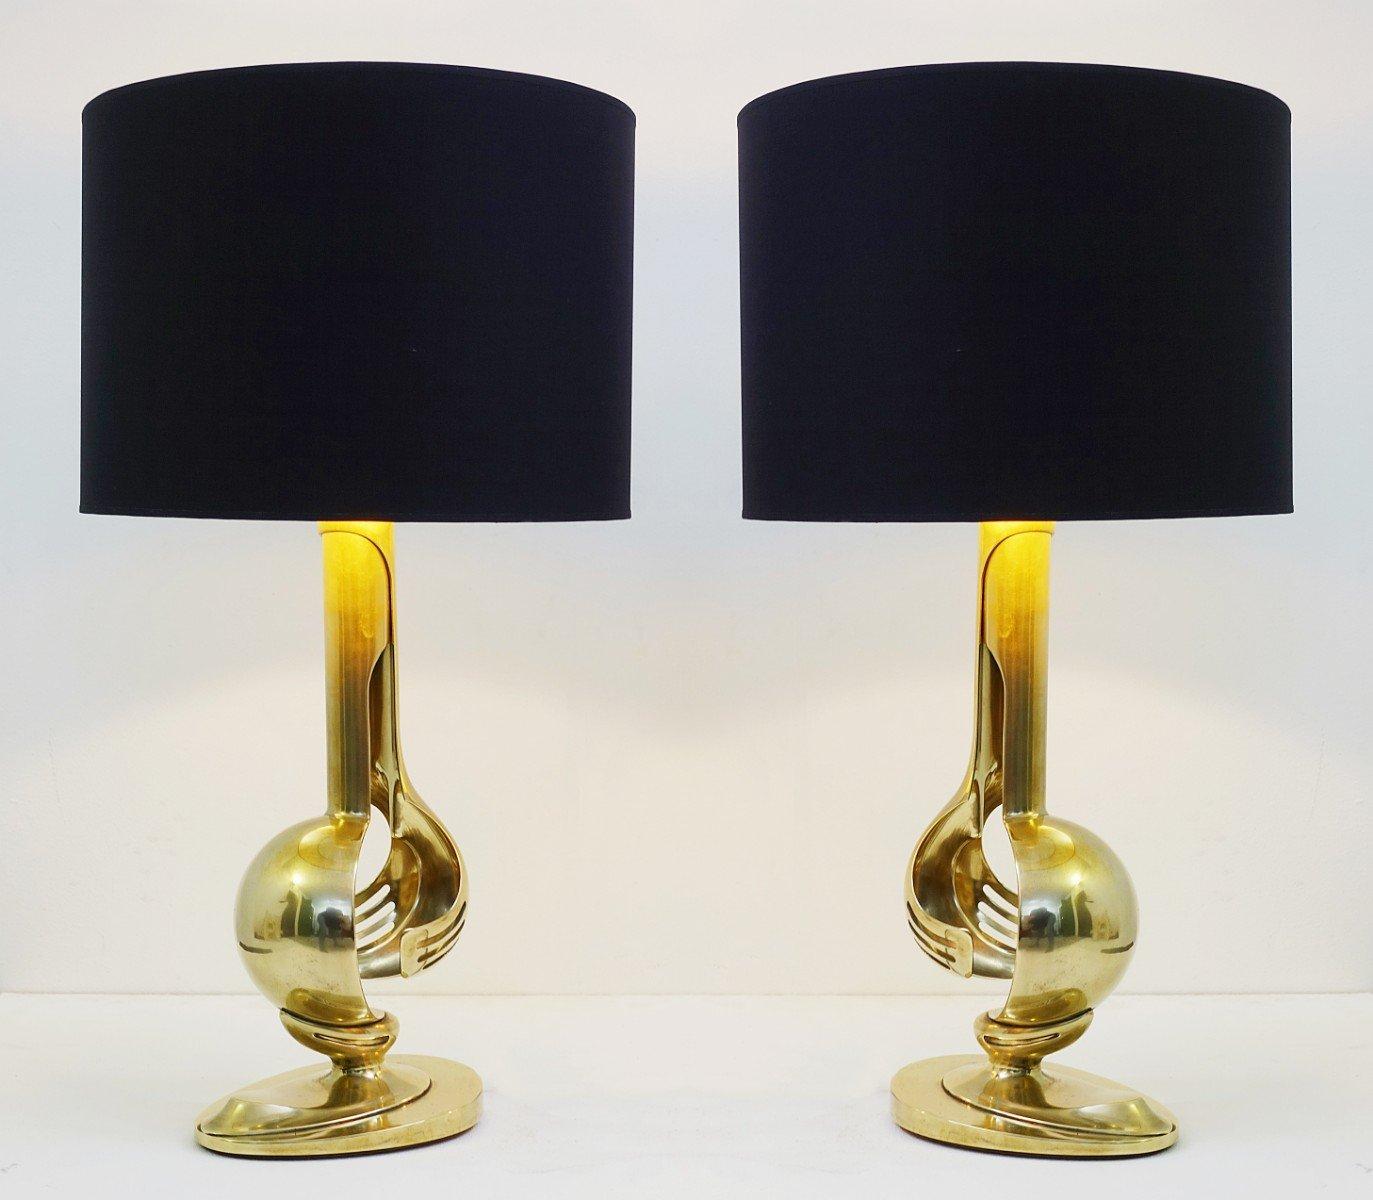 Vintage Tischlampen aus Messing, 1970er, 2er Set